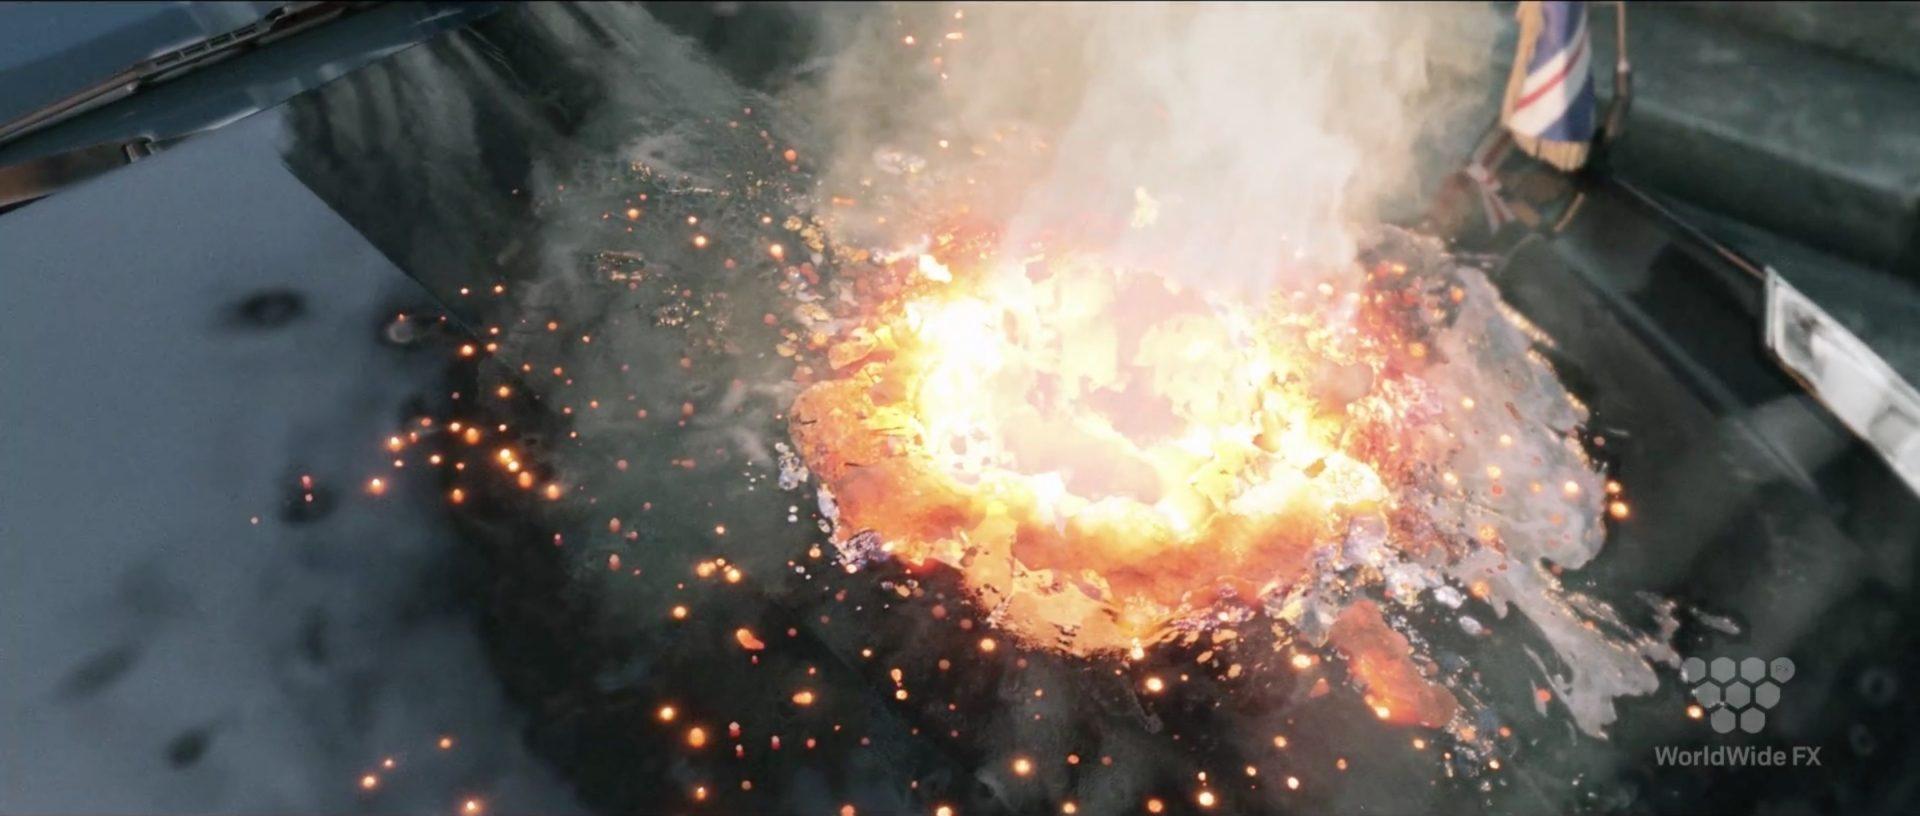 London Has Fallen VFX Breakdown